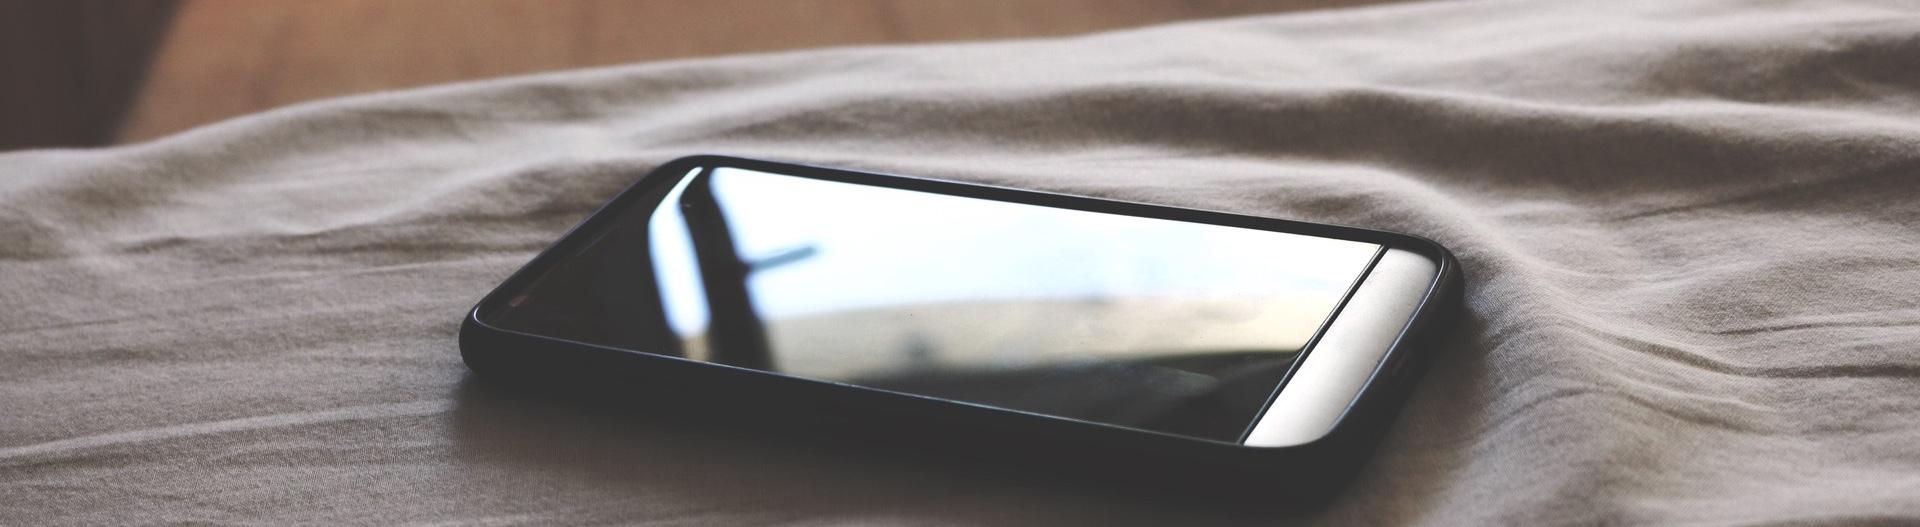 Smartphone auf dem Bett